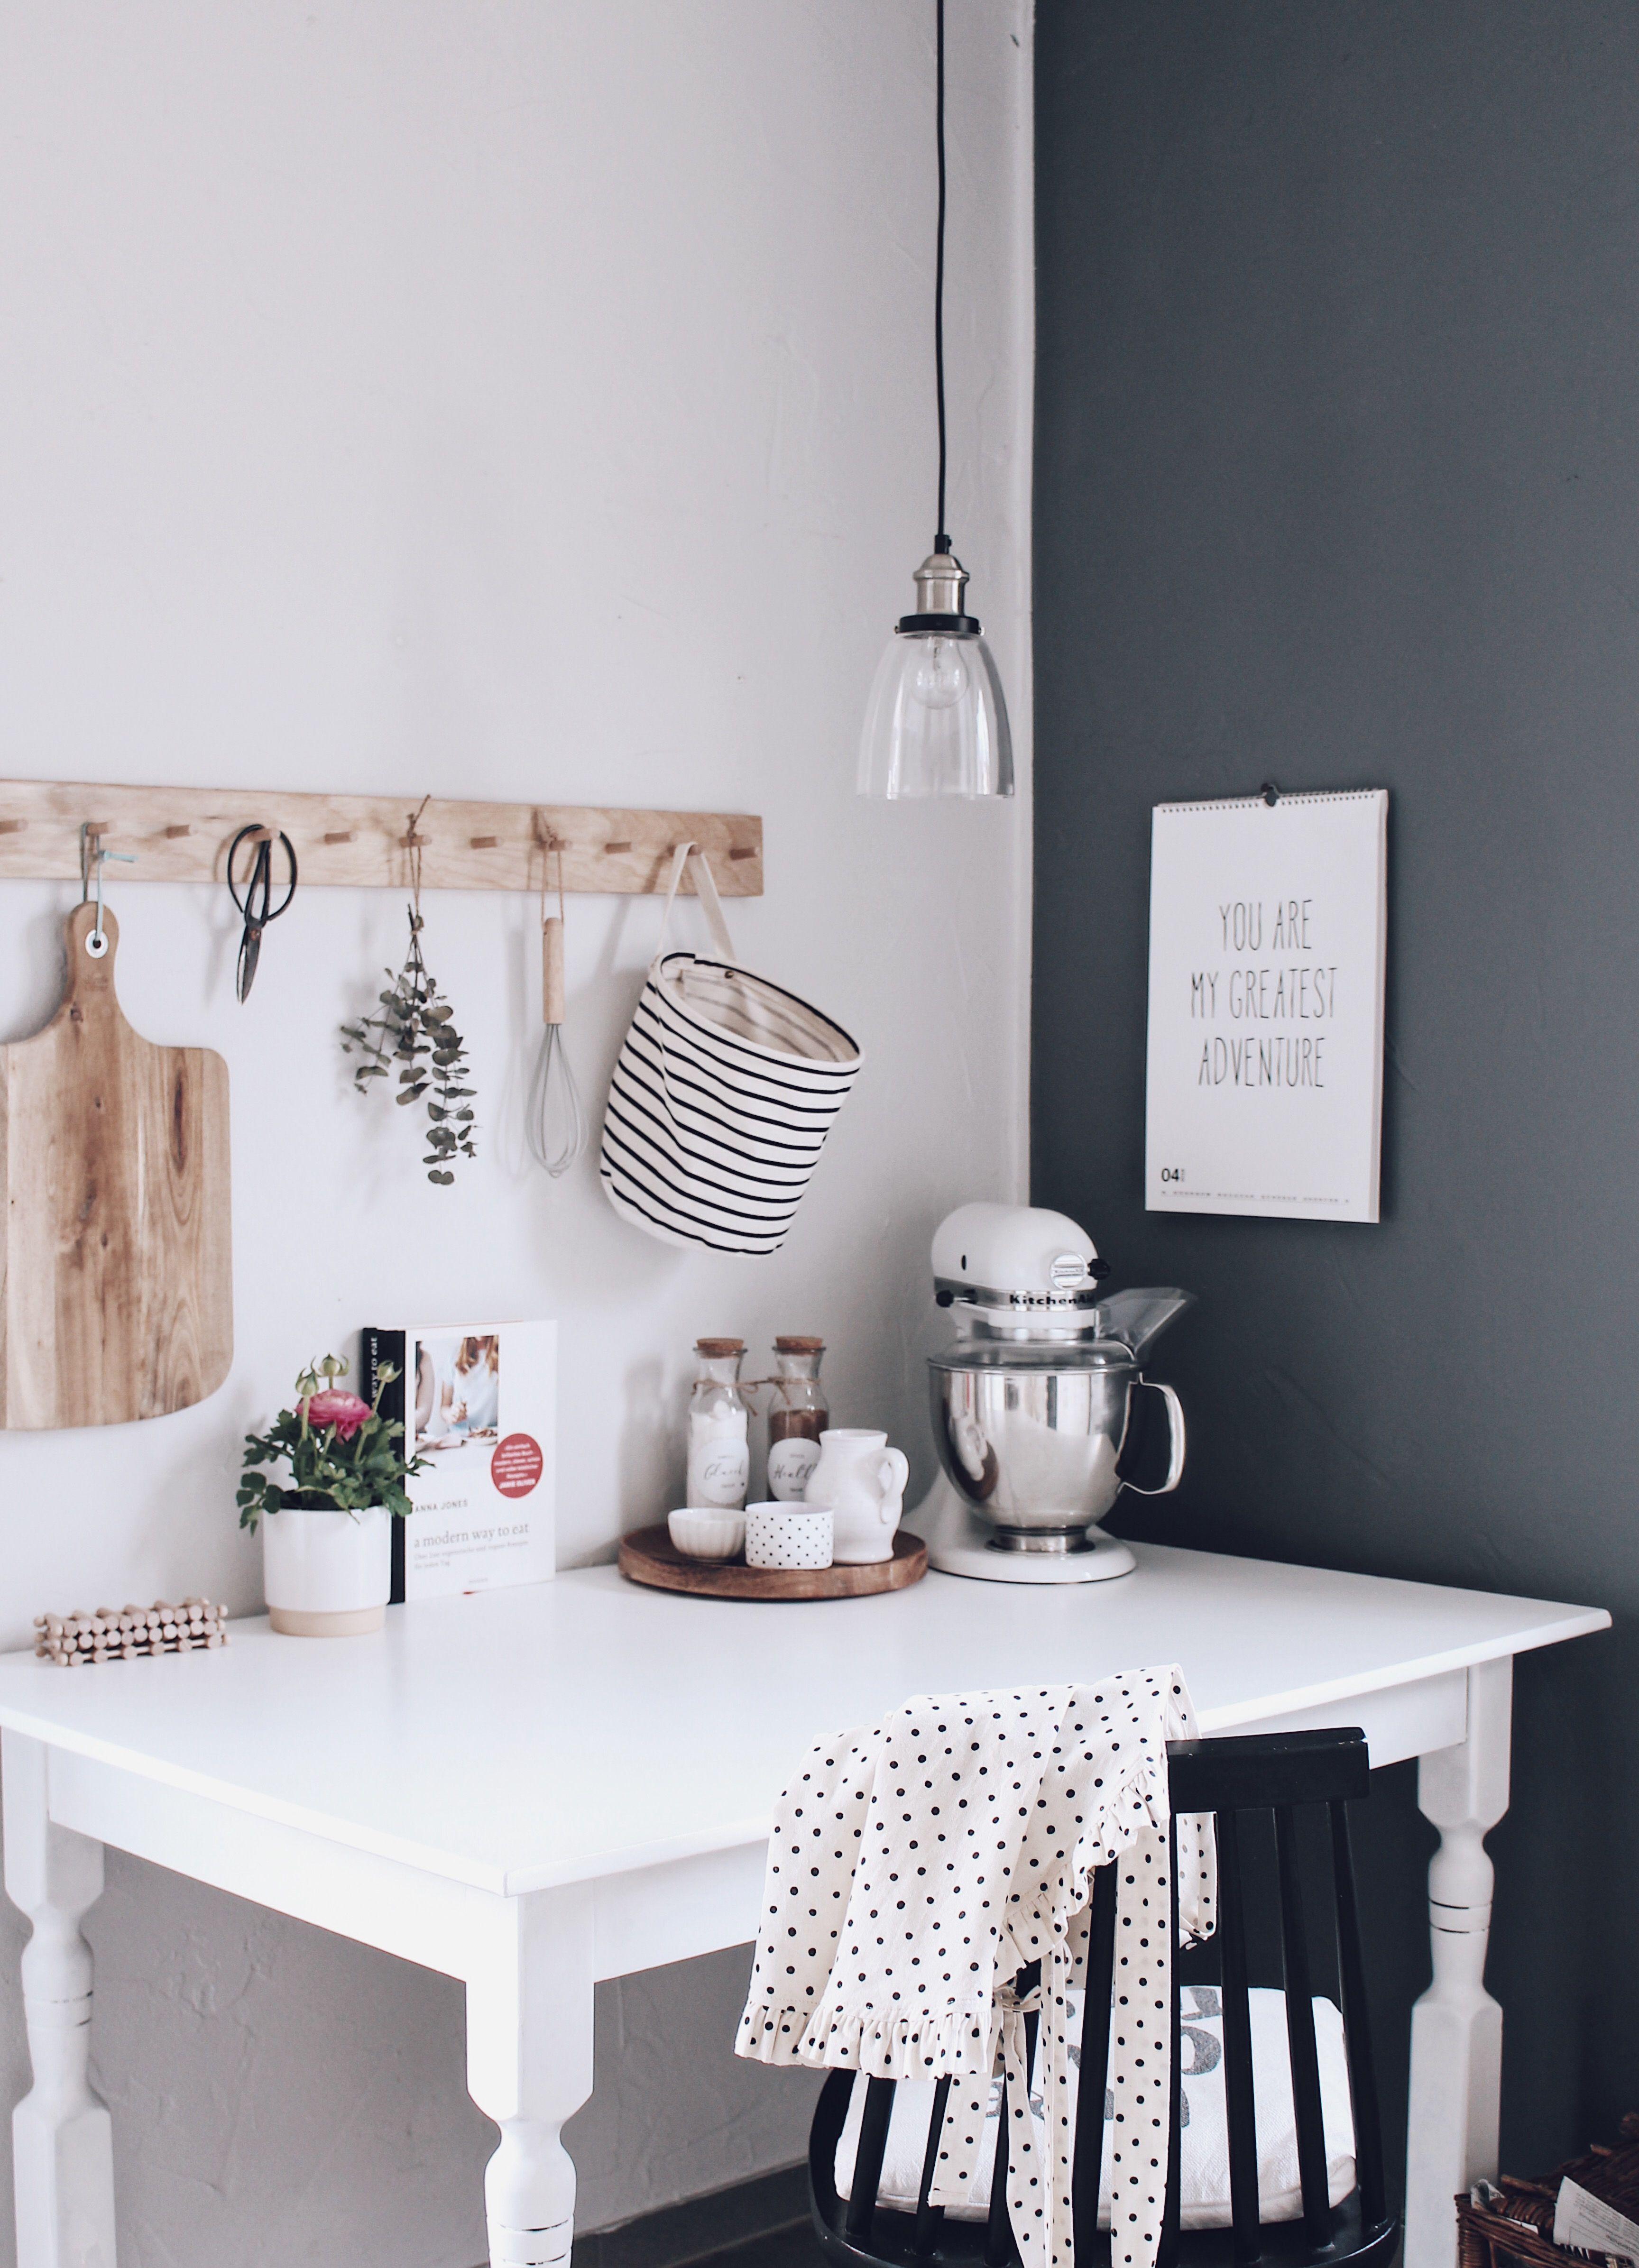 Aus ideen für die küche küche neu gestalten  schnell und einfach mit tafelfarbe  kitchens